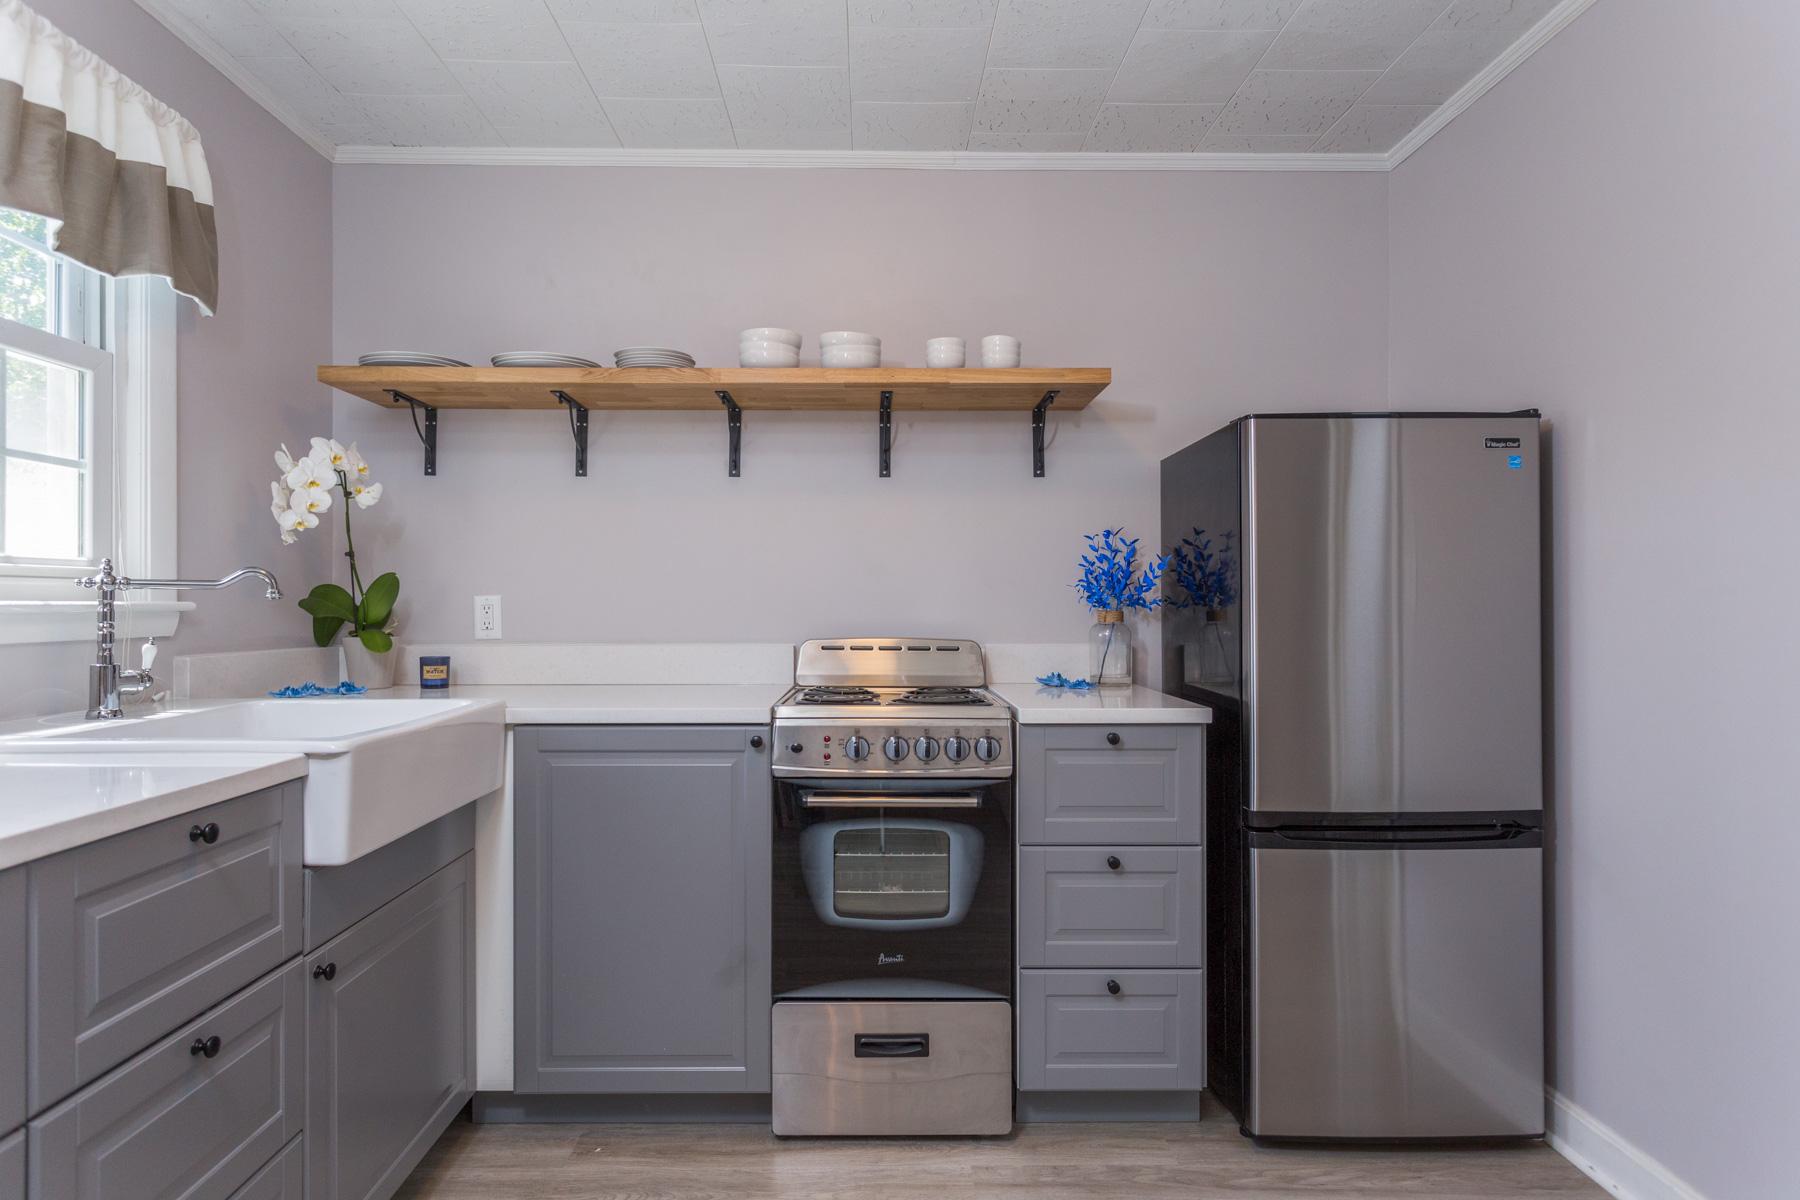 IMG_3852- Edited_kitchen5E.jpg